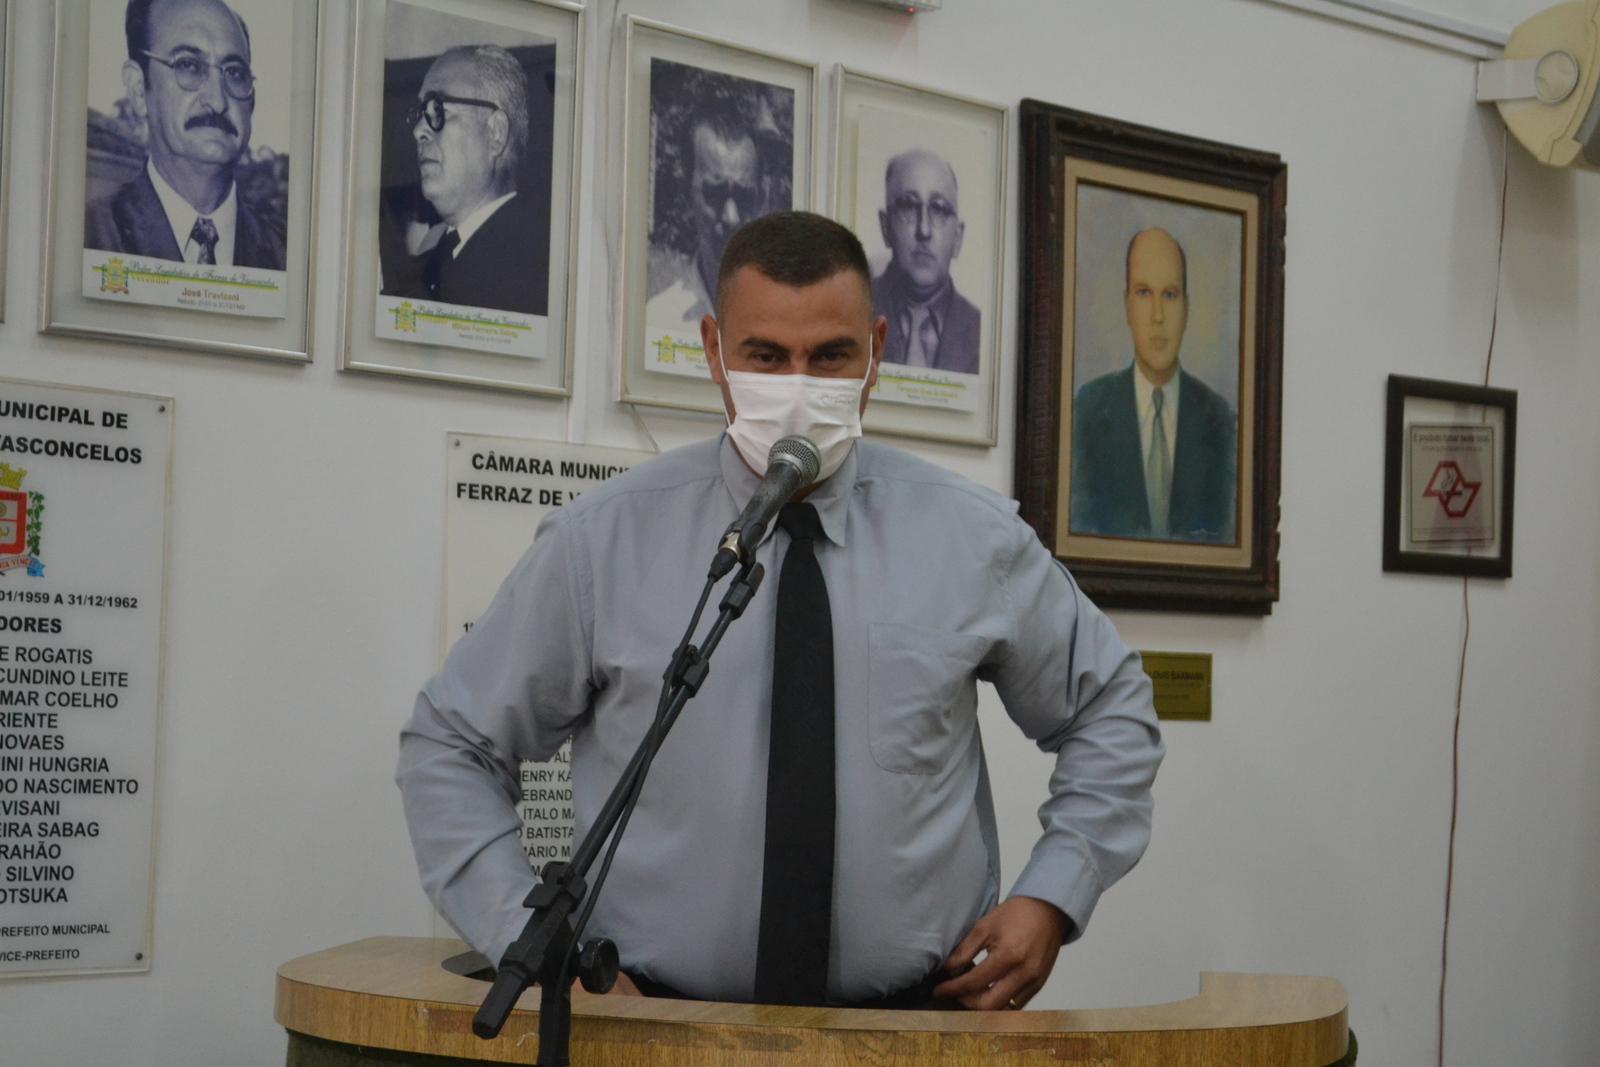 Vereador Teteco cobra reforço no policiamento ostensivo em passarela ao lado do Recanto